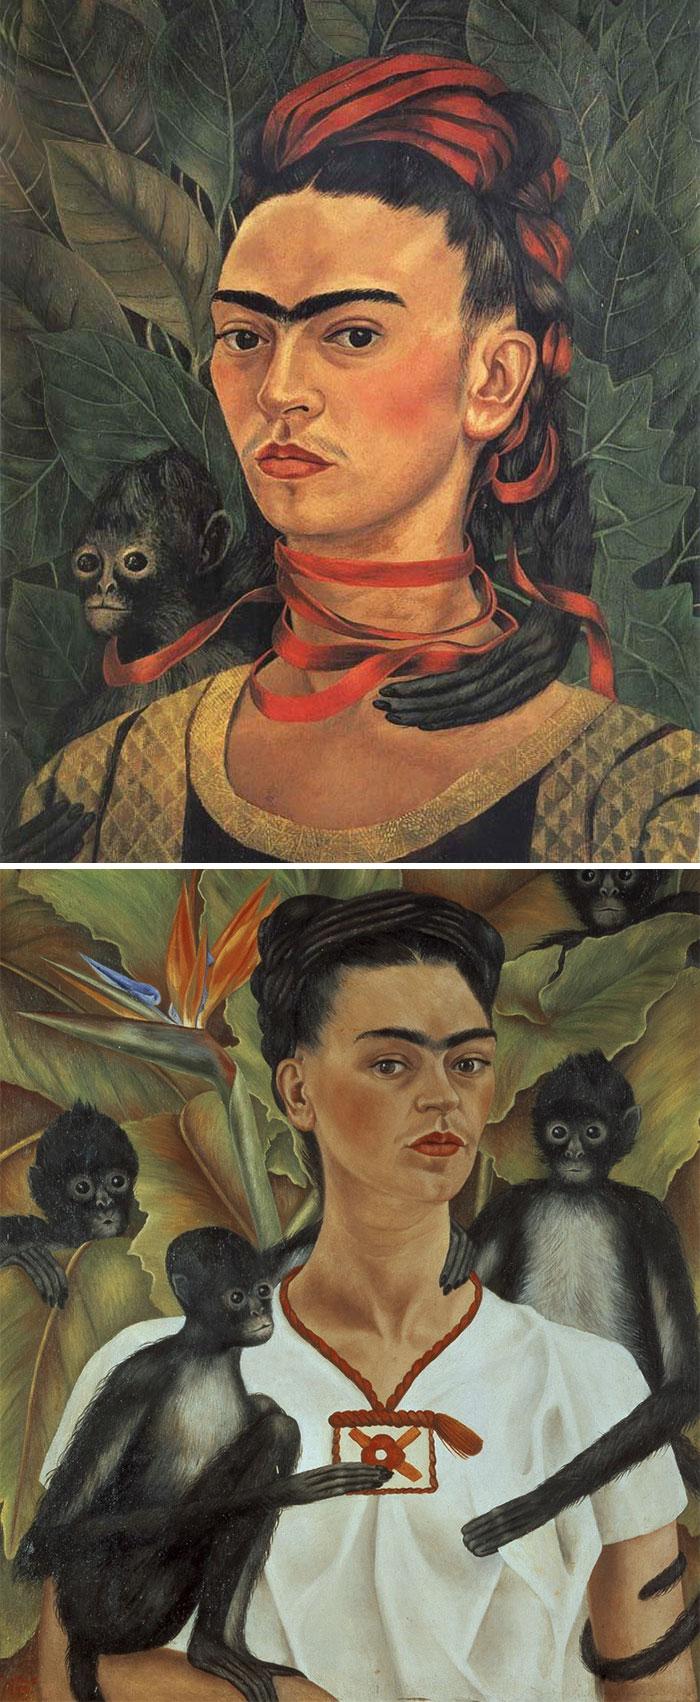 Un guide farfelu, mais exact sur la façon de reconnaître les peintres célèbres par leur art (19 images)